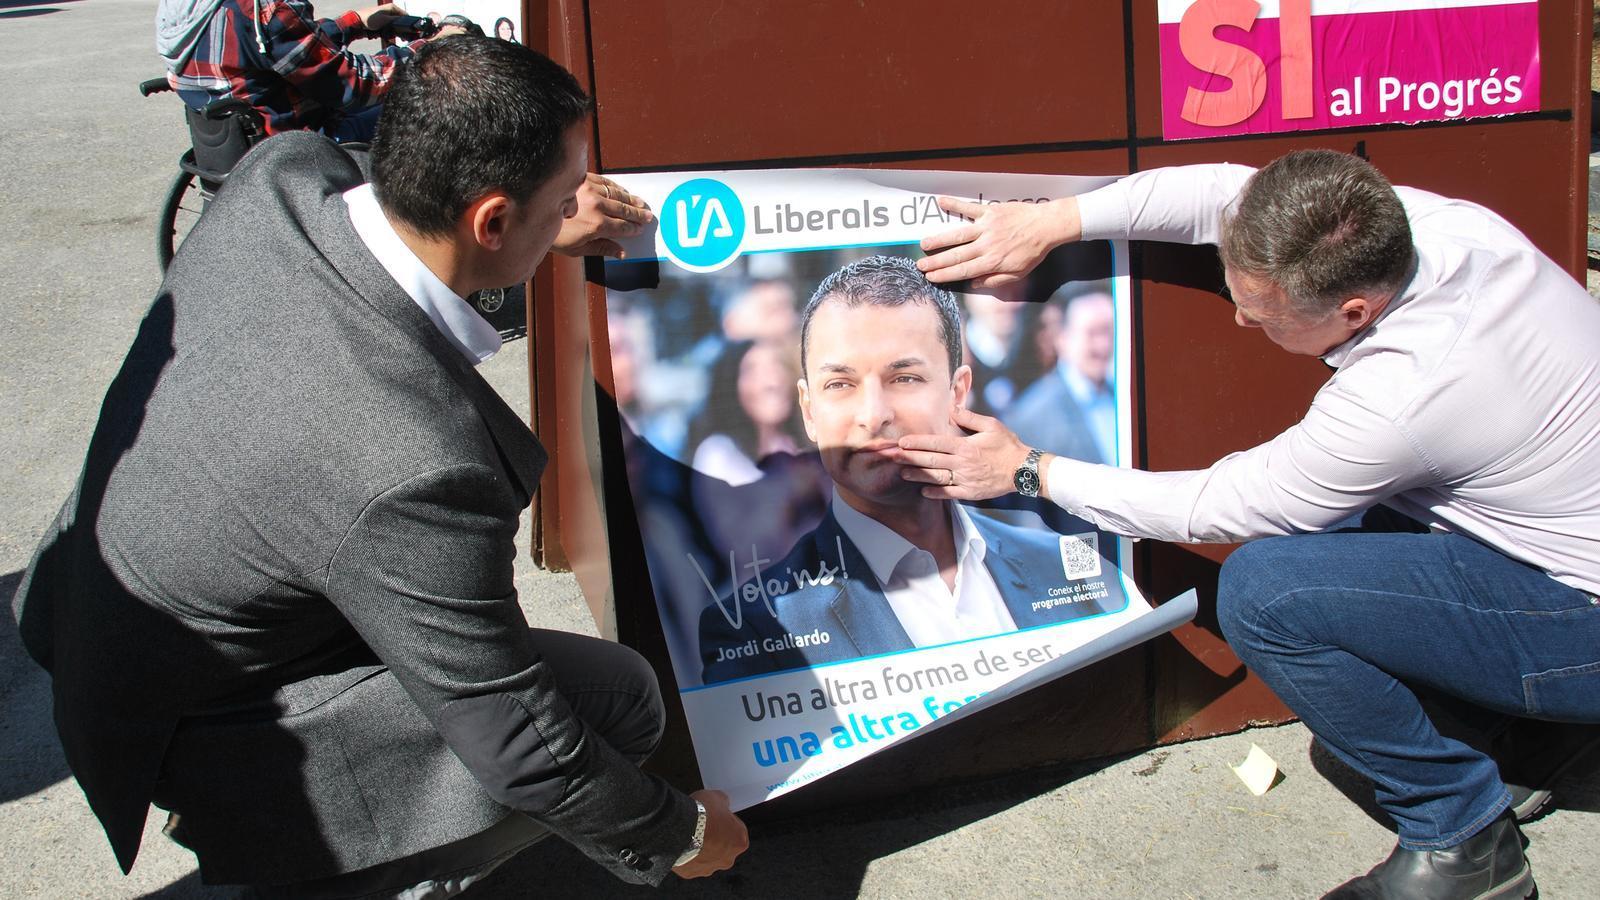 L'enganxada de cartells de Liberals d'Andorra a Encamp. / C. G.